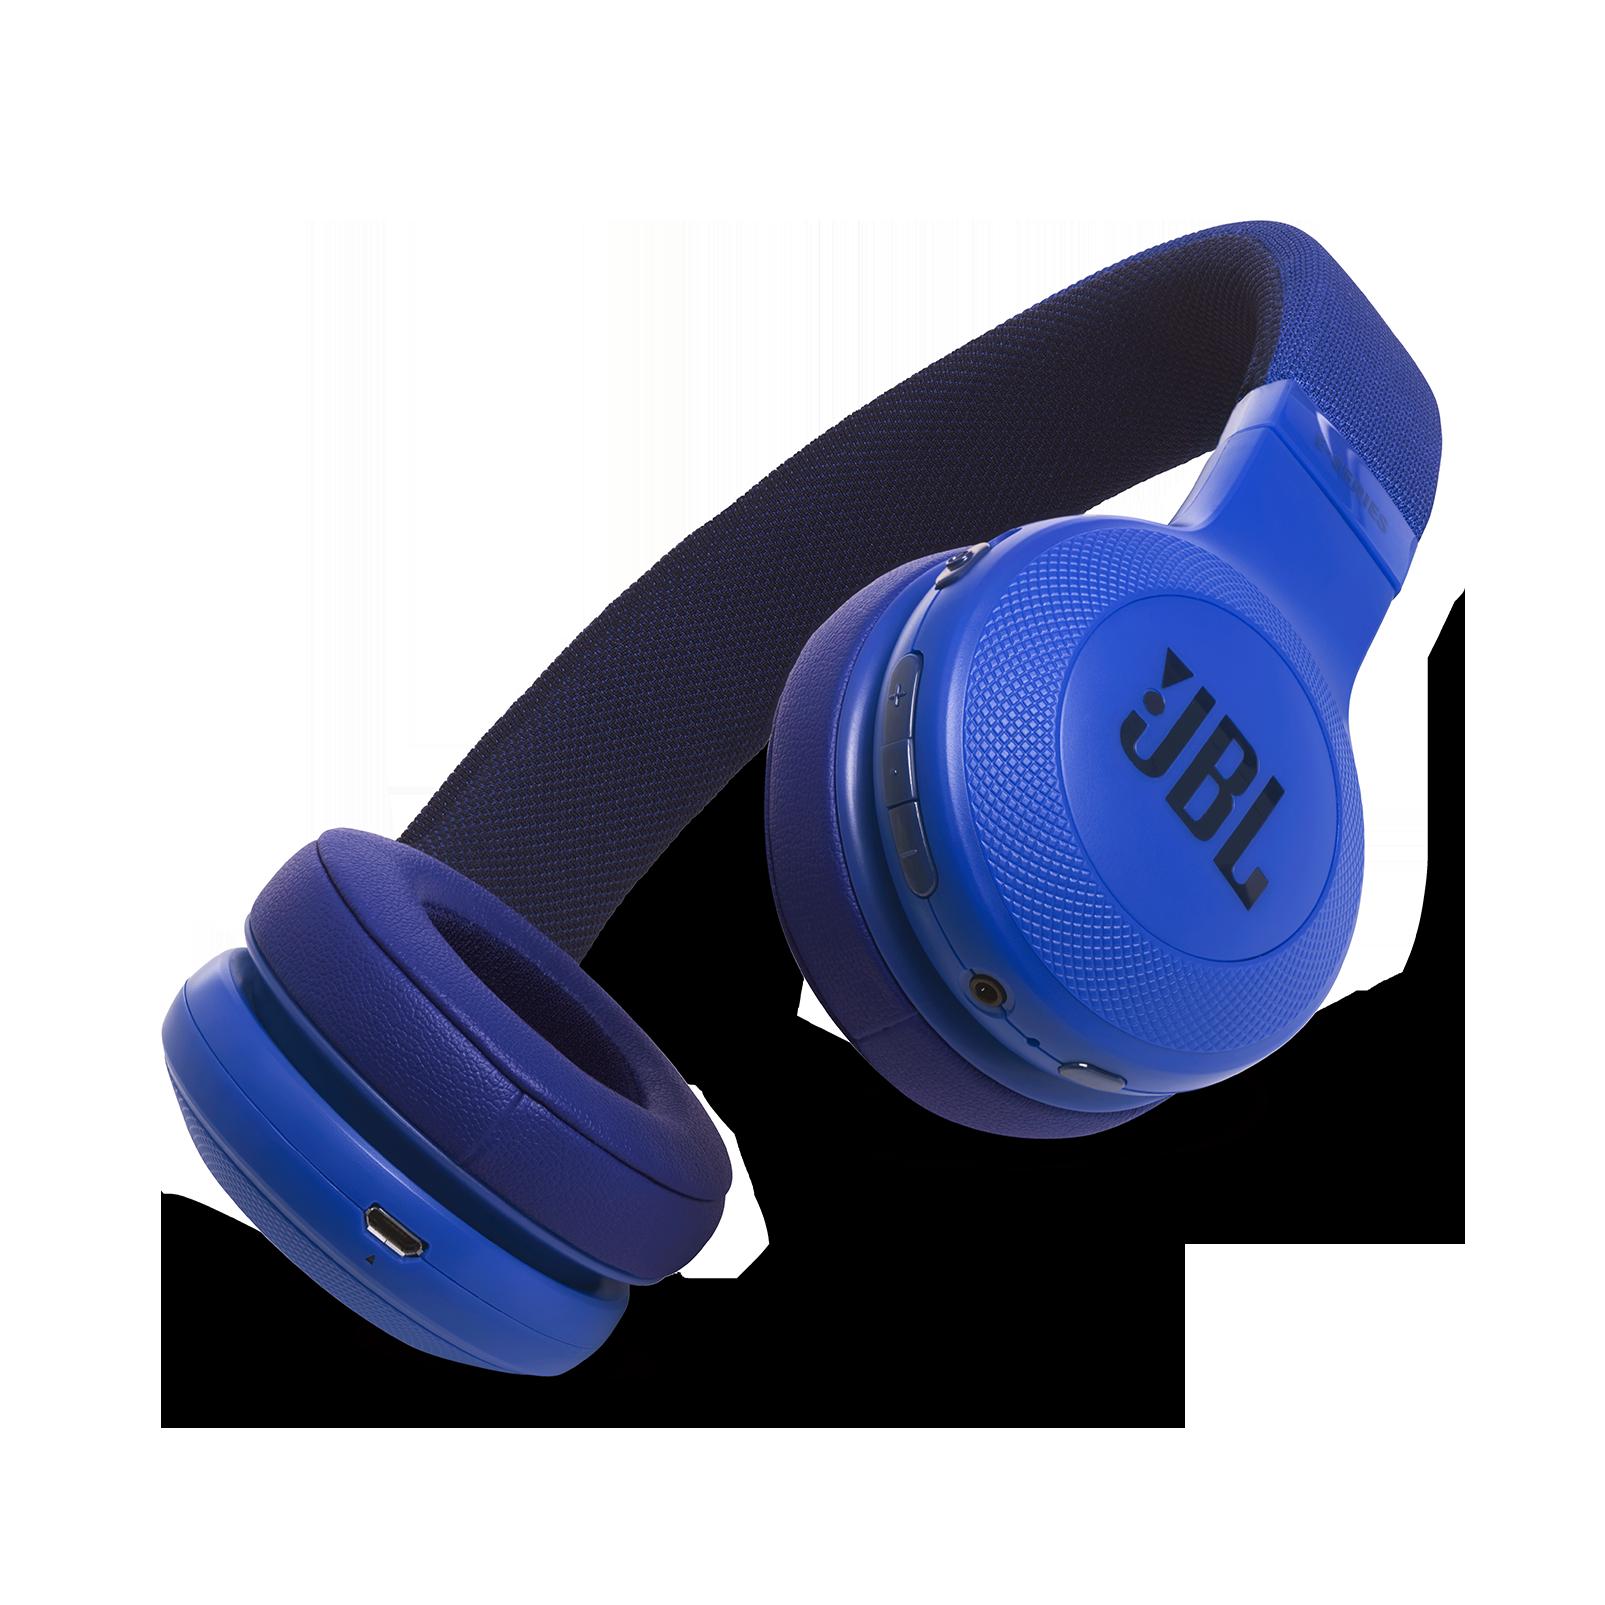 JBL E45BT - Blue - Wireless on-ear headphones - Hero